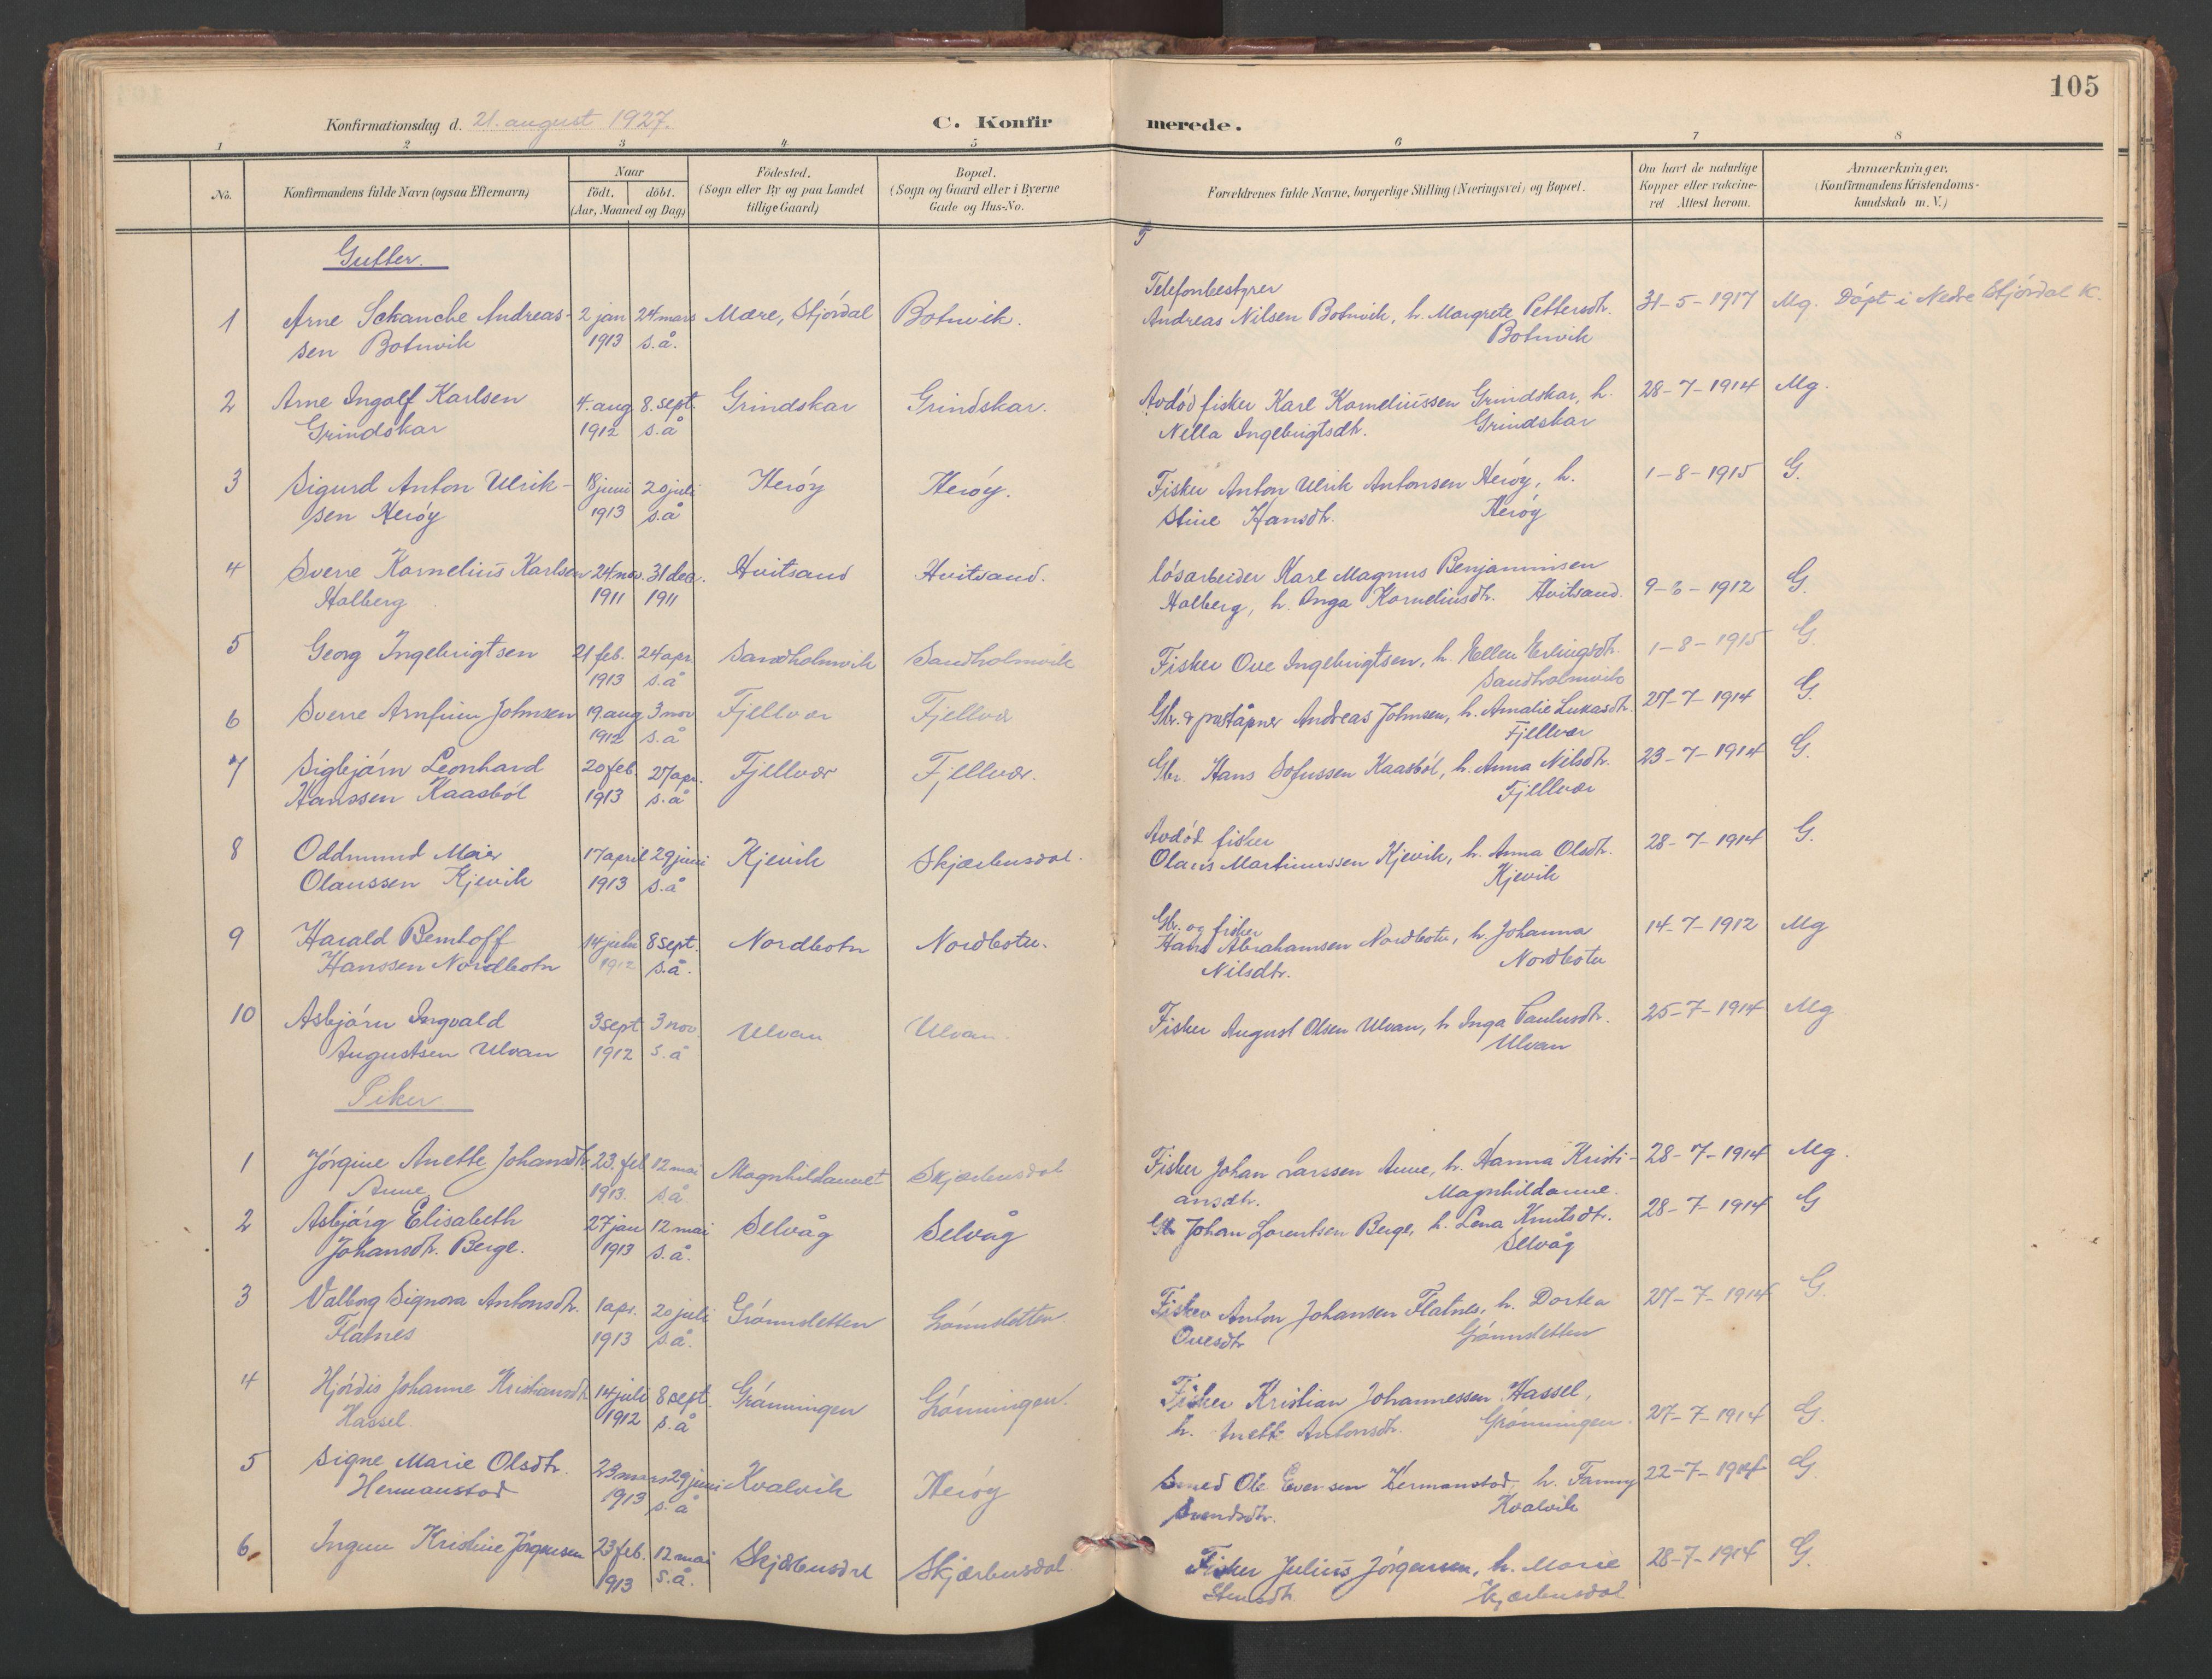 SAT, Ministerialprotokoller, klokkerbøker og fødselsregistre - Sør-Trøndelag, 638/L0571: Klokkerbok nr. 638C03, 1901-1930, s. 105